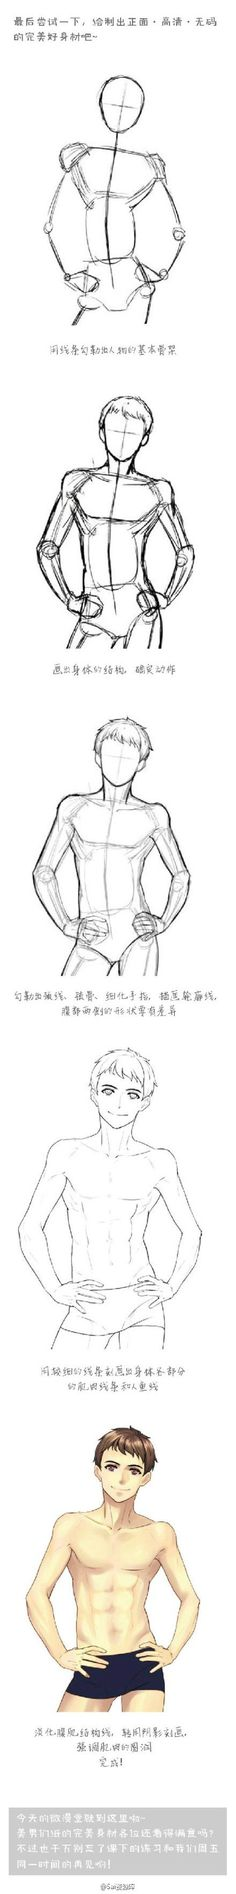 #SAI资源库#动漫美男子,身体结构、肌...